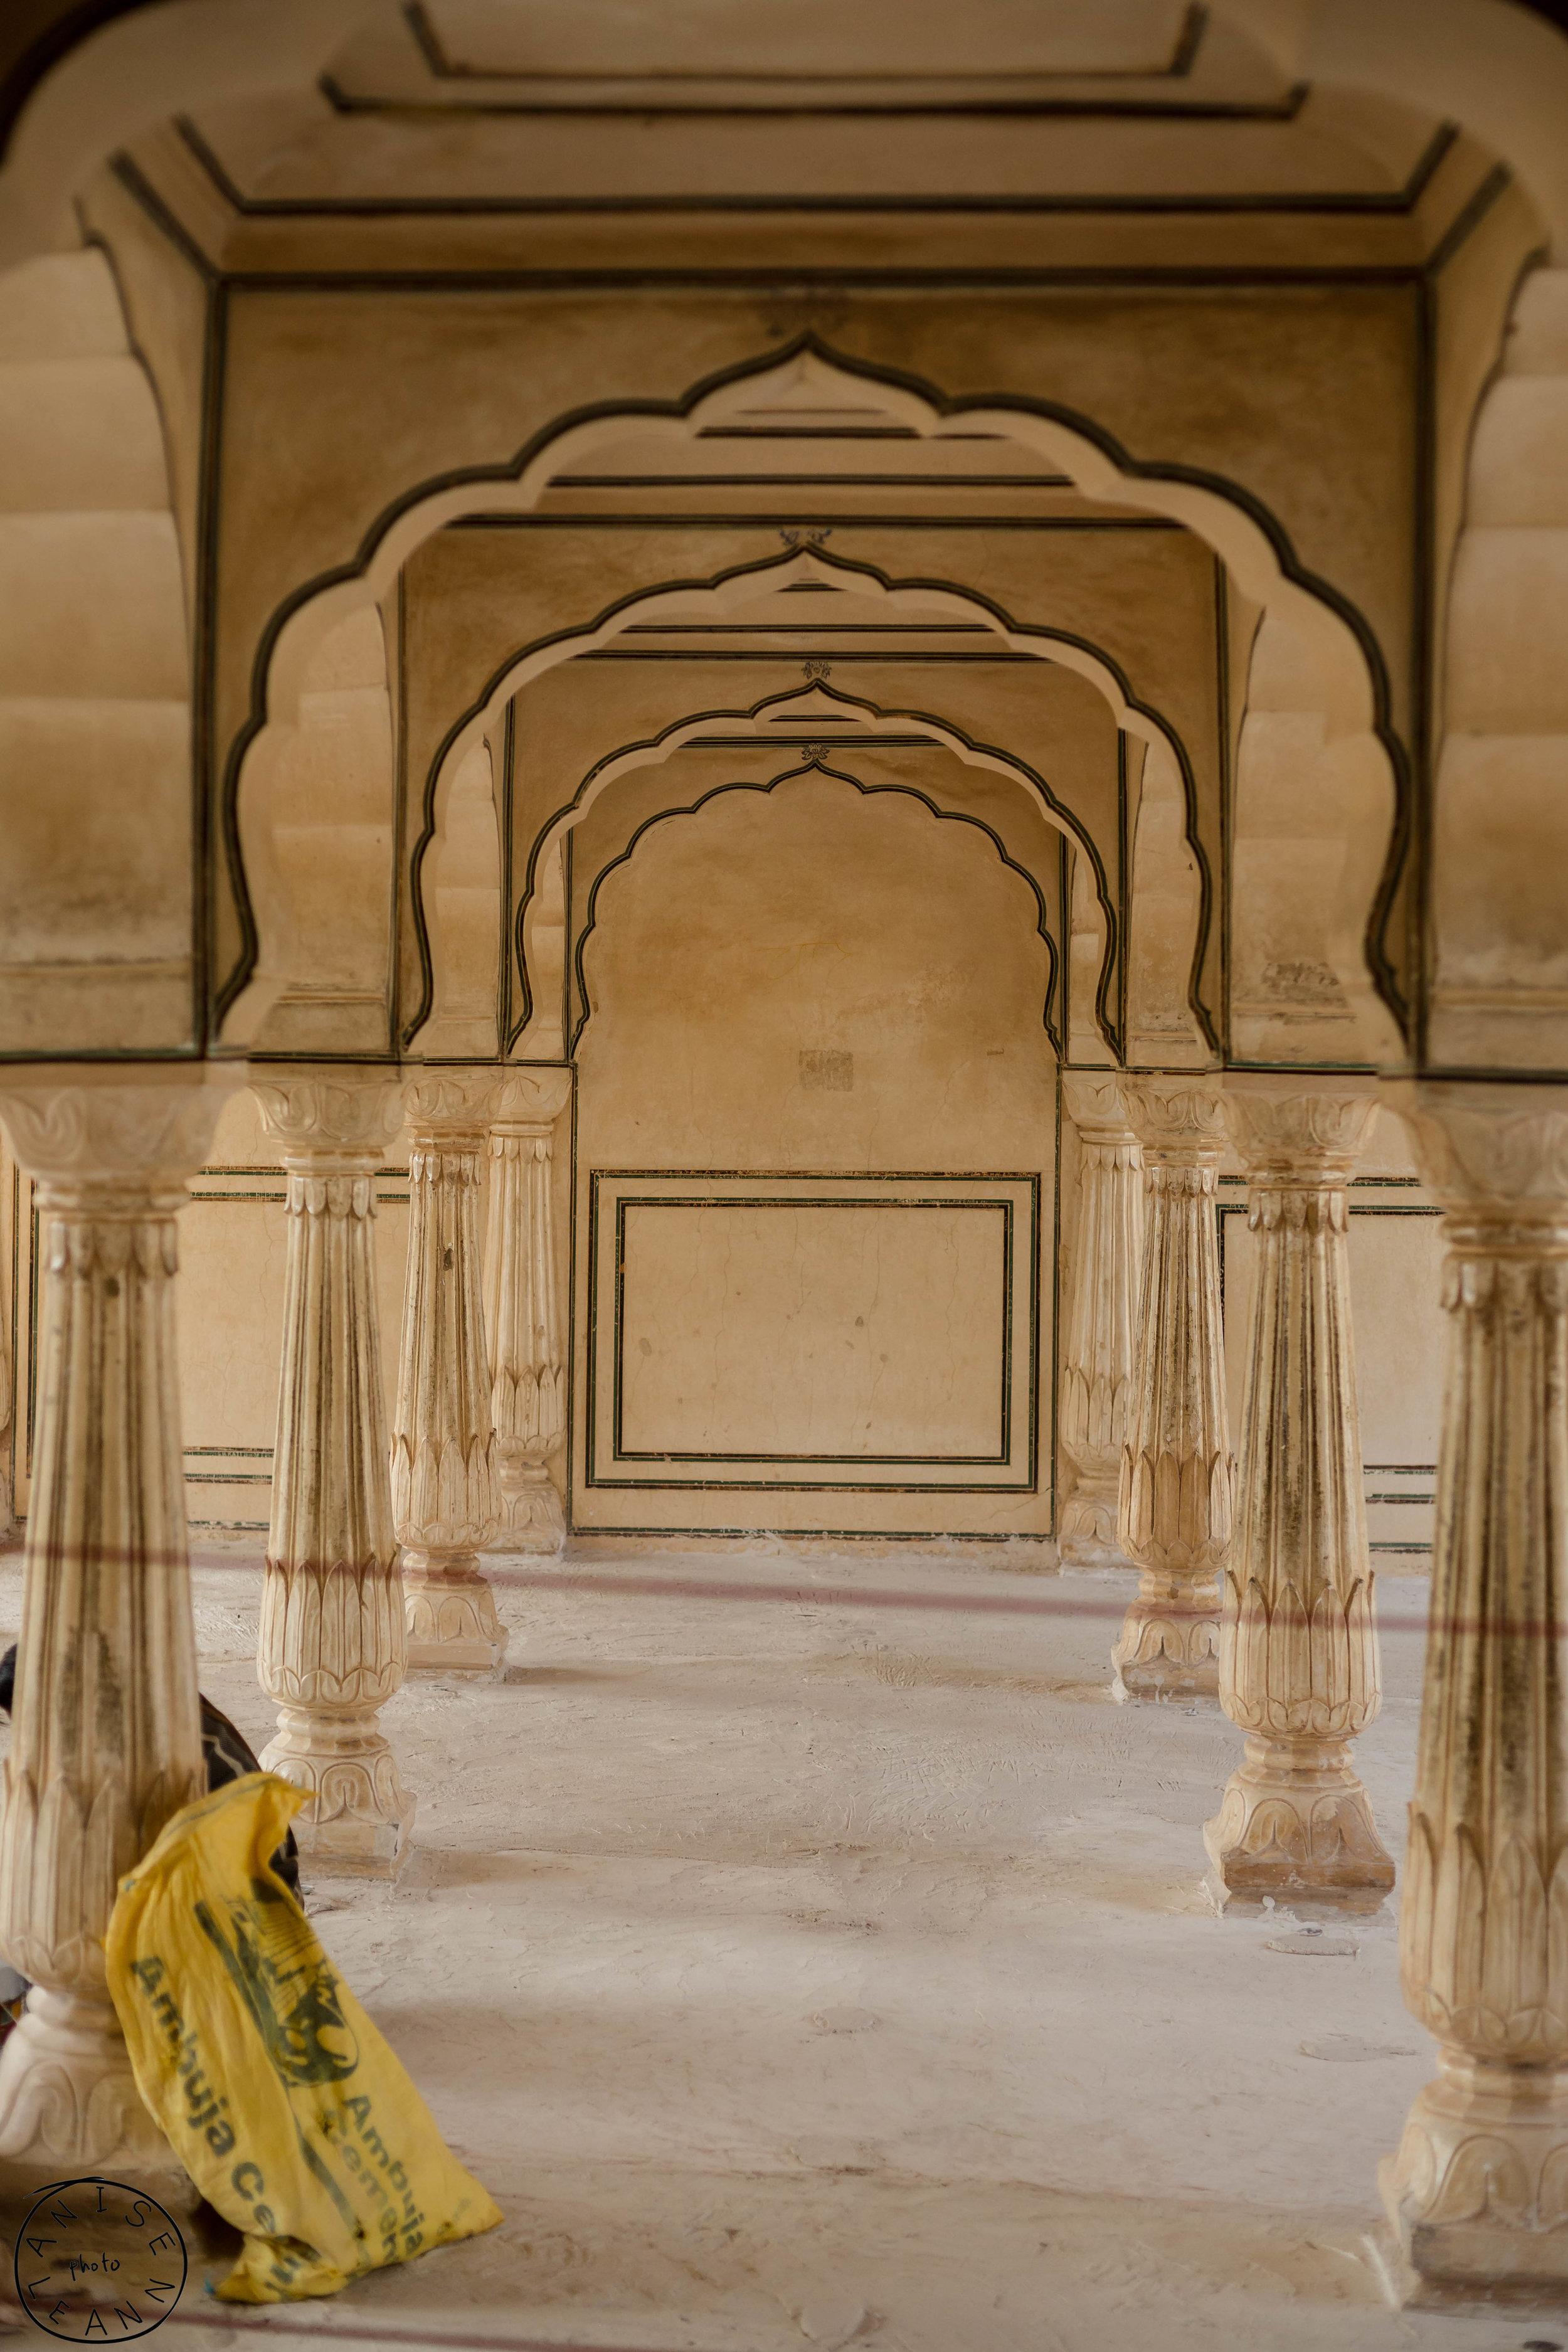 India-Jaipur-Day2-64.jpg